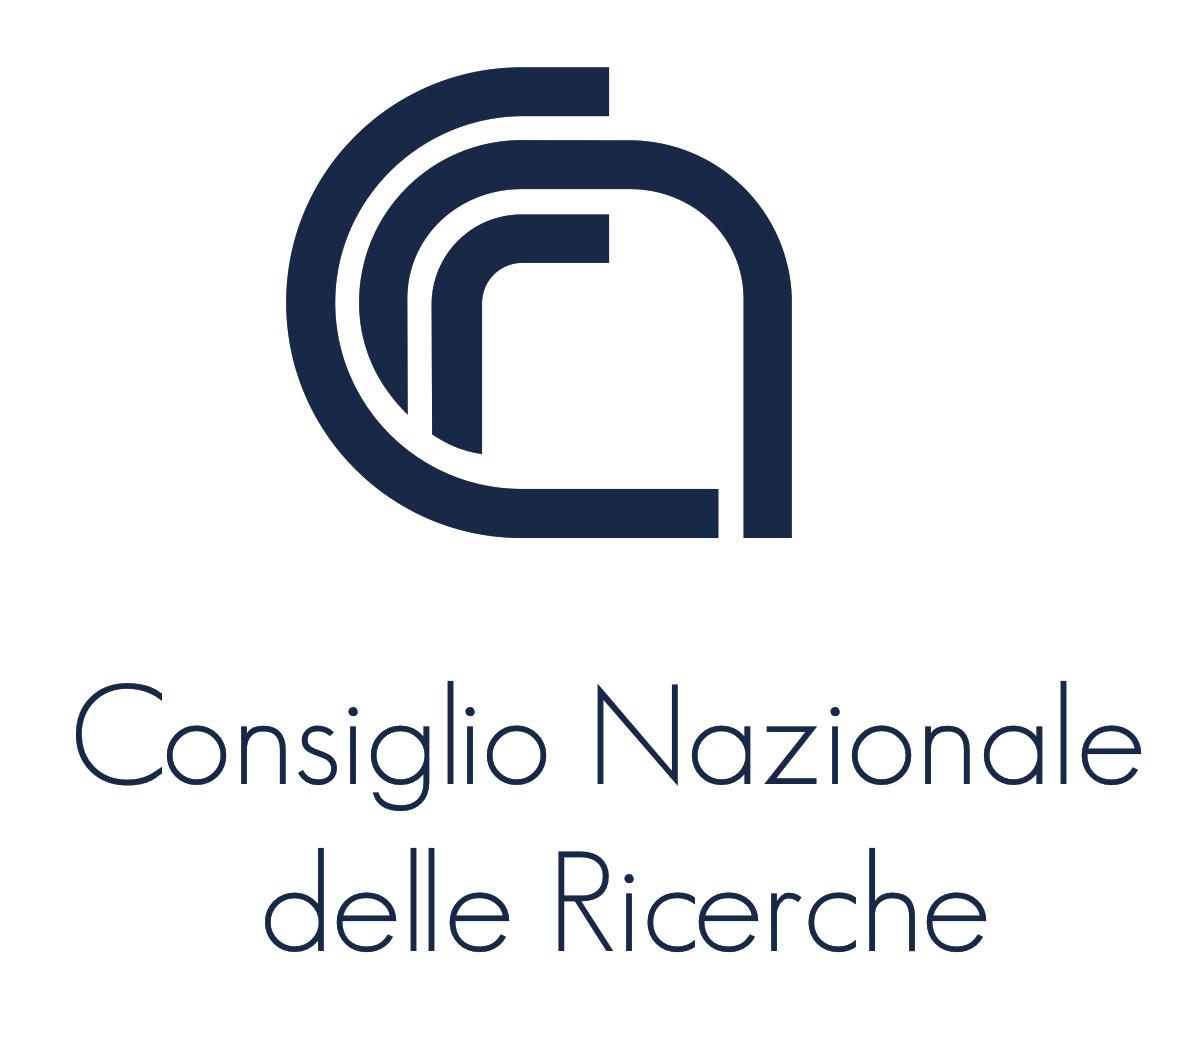 logo-consiglio-nazionale-delle-ricerche